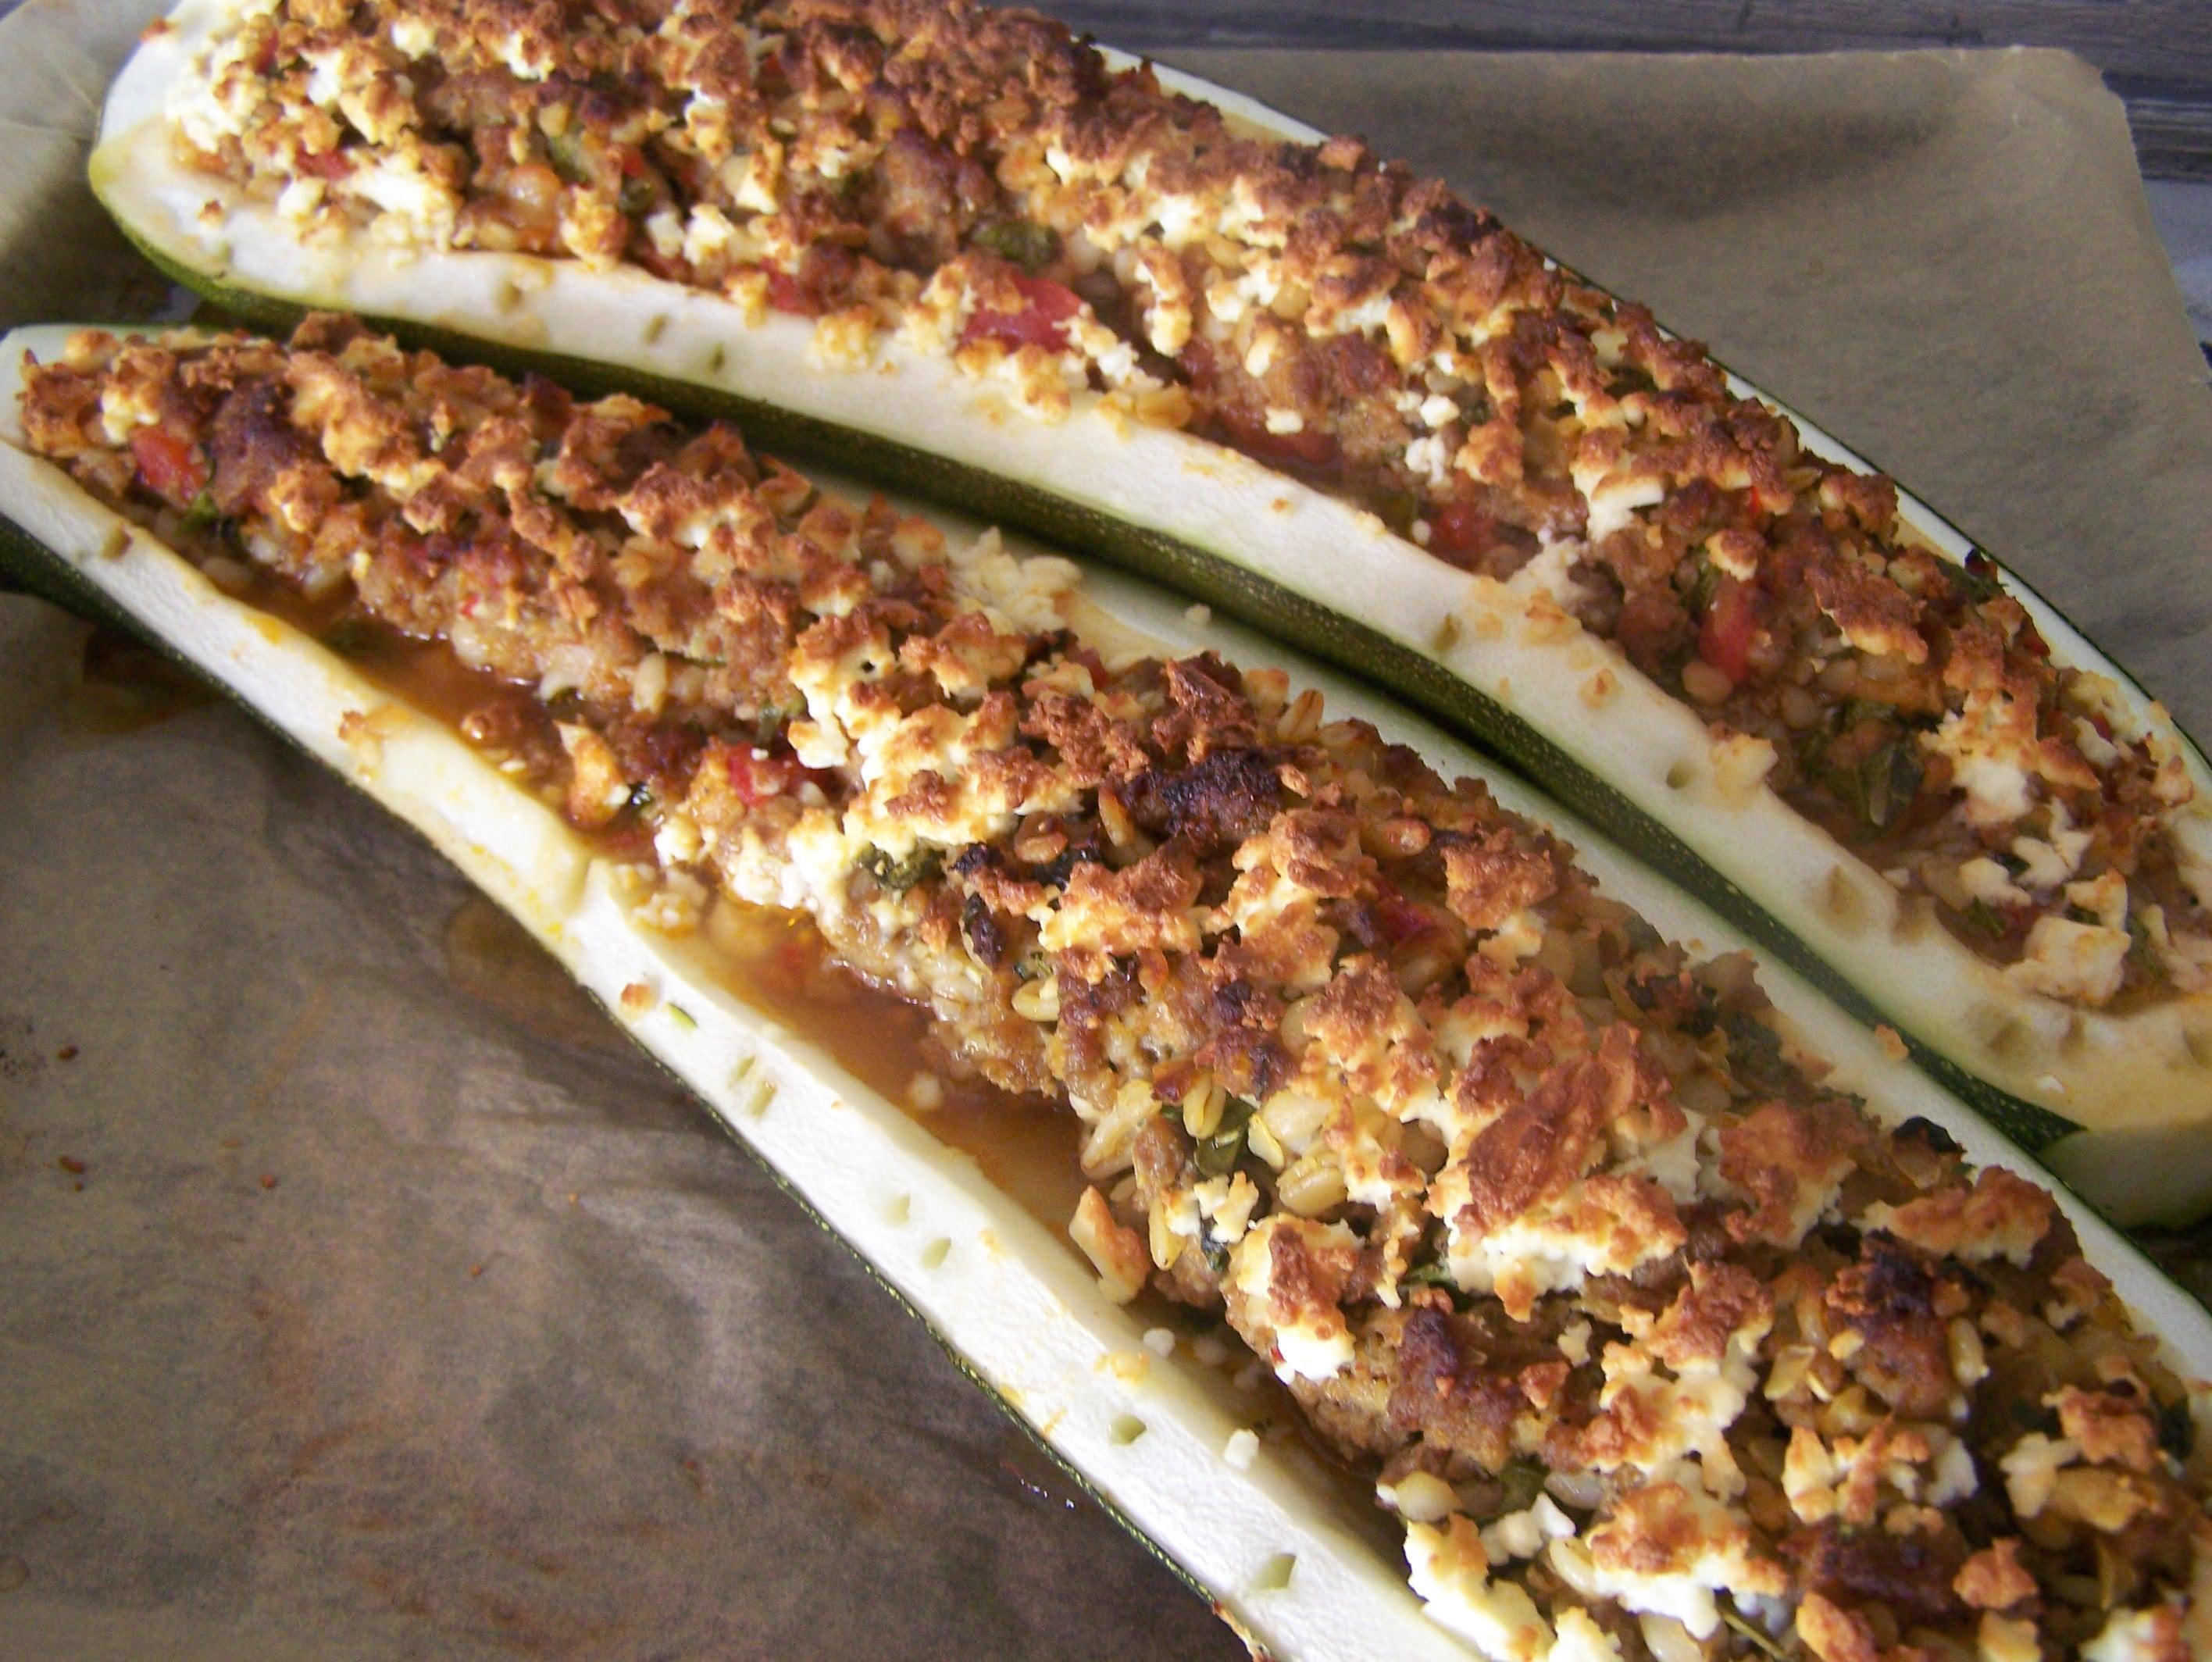 Ein Traum von einer Zucchini, gefüllt - Rezept By HOCI